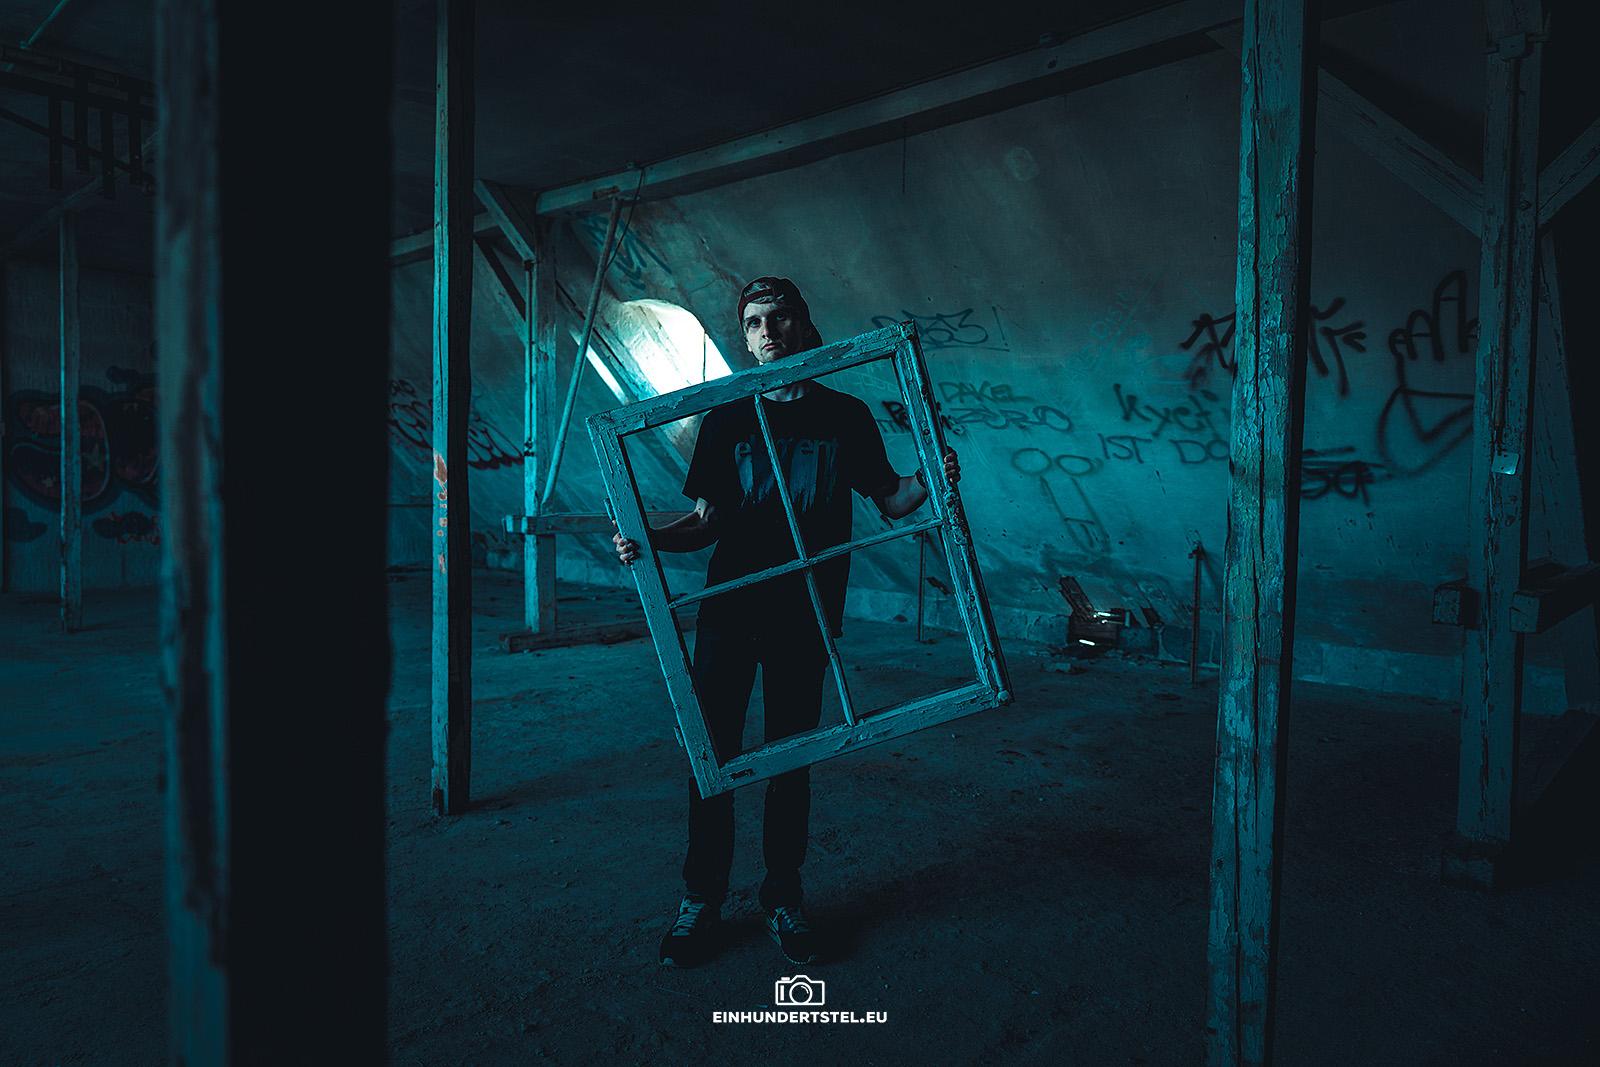 Eine Person steh in einem alten verlassen Haus und hält einen weißen Fensterrahmen in den Händen.